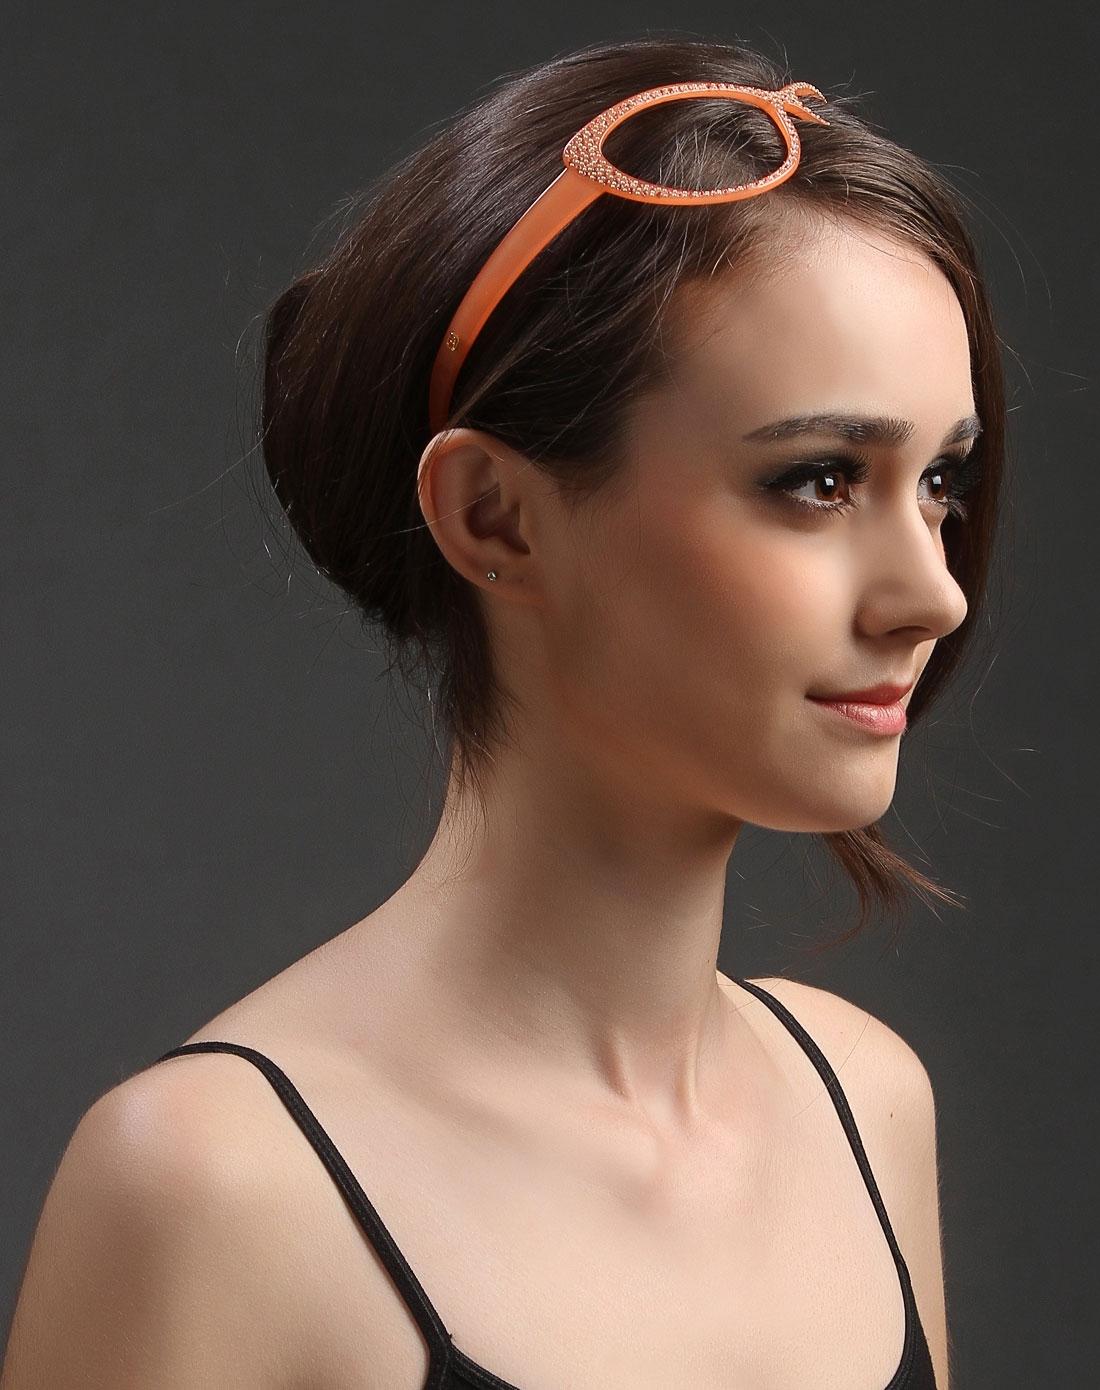 粉色时尚眼镜造型个性发箍